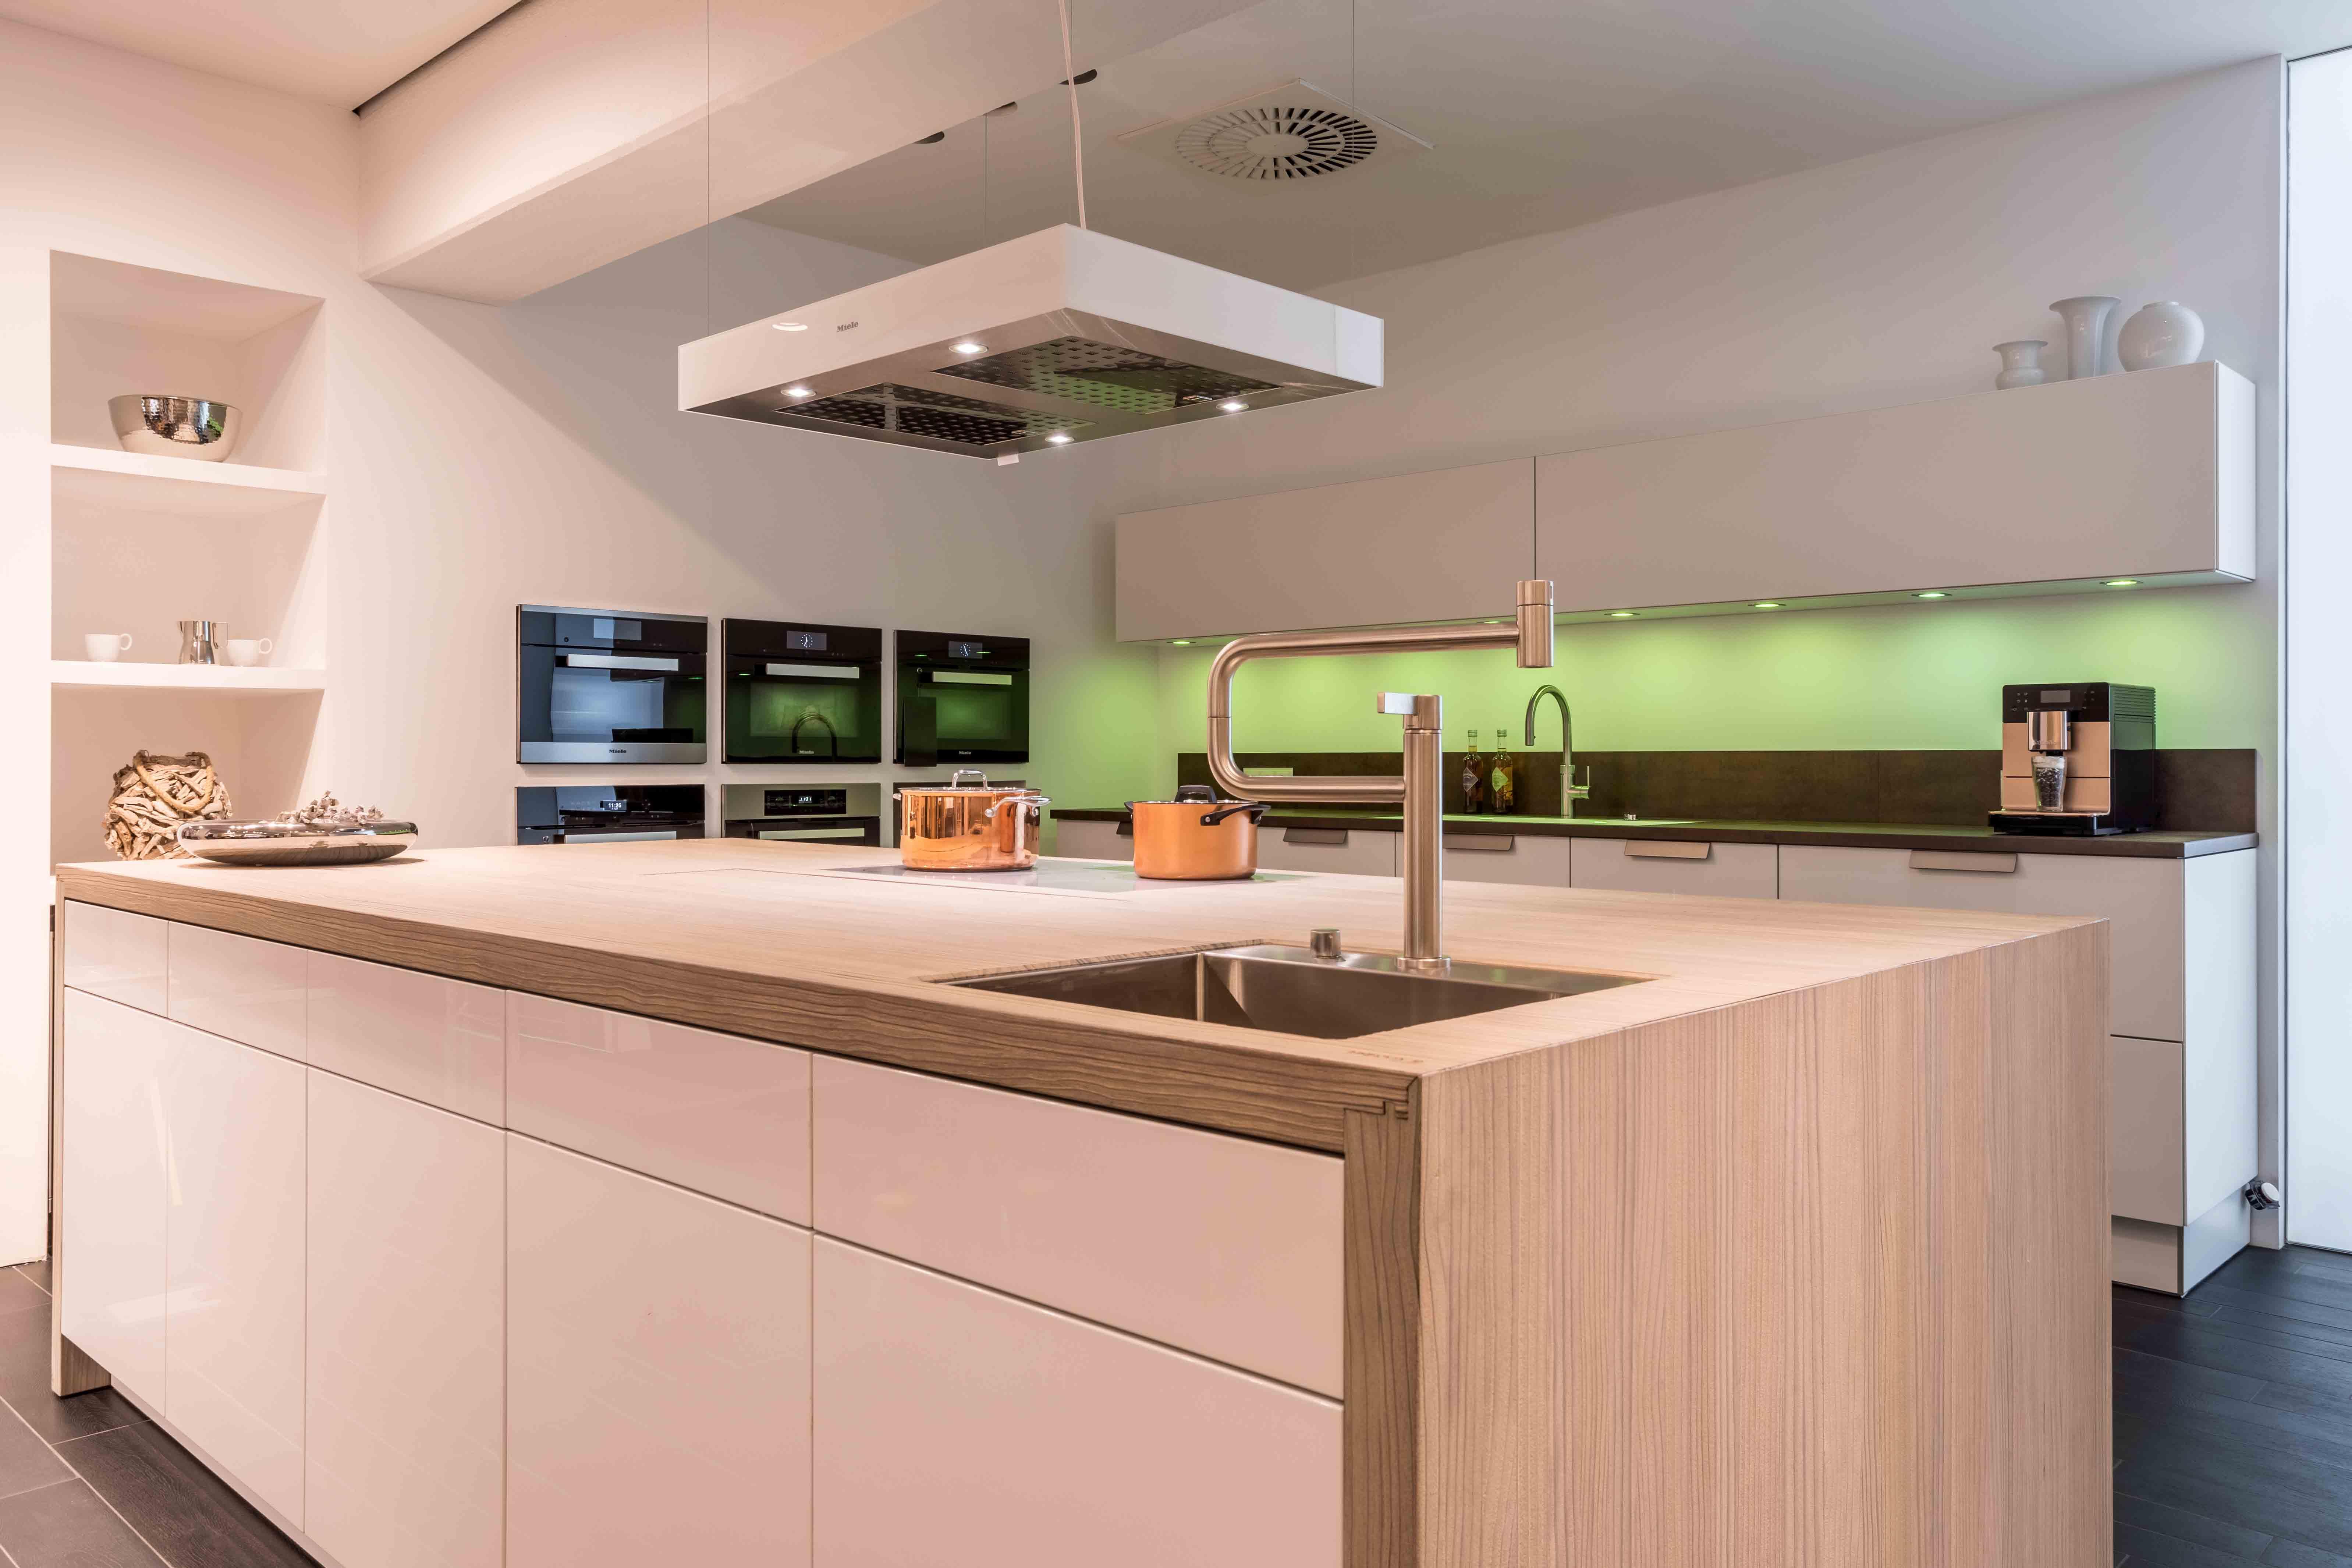 Draxler Küchen | Luxusküchen, Designerküchen und mehr